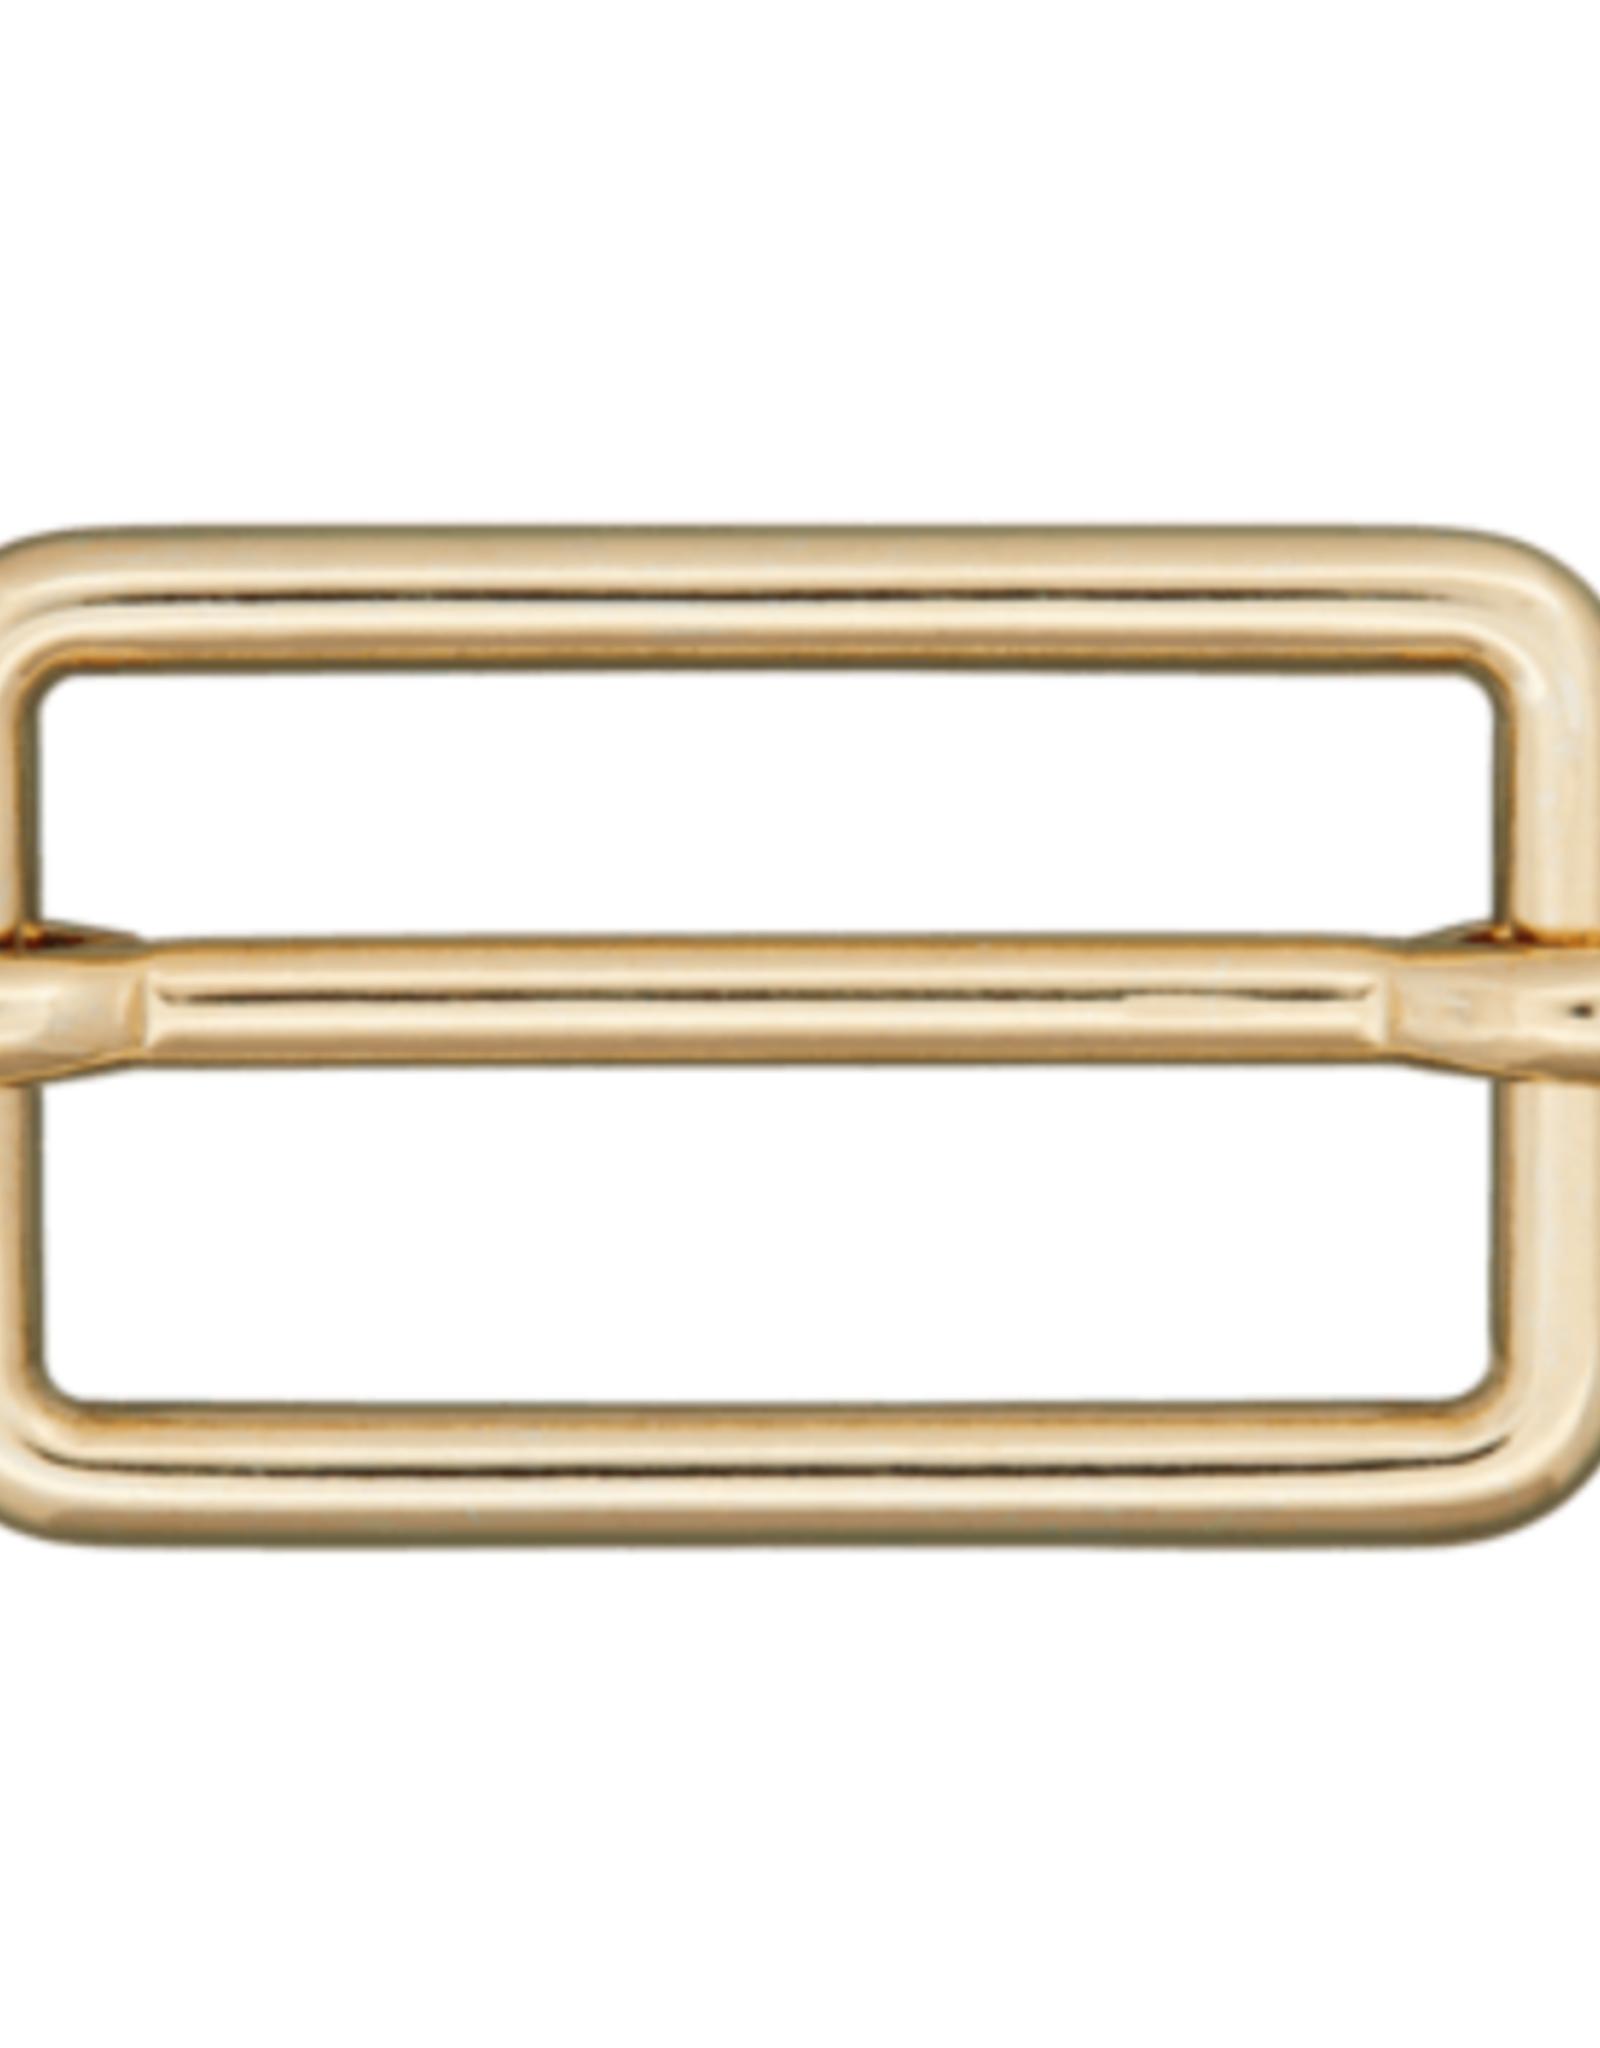 Schuifgesp 25mm - Goud